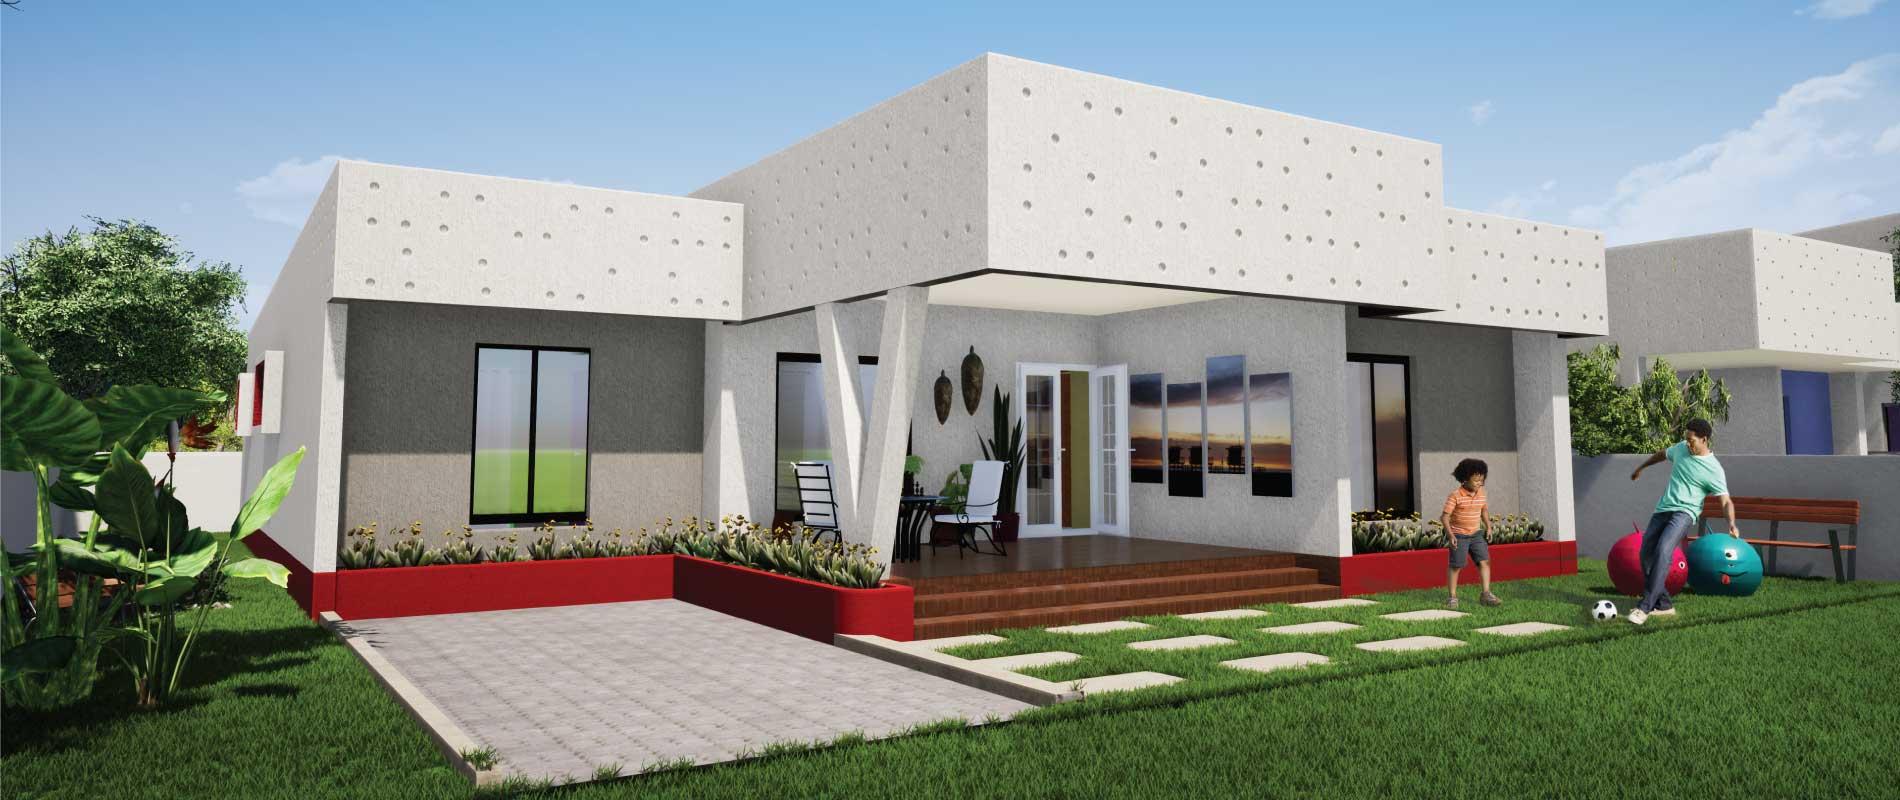 PNHG-filiale-PNHG---slider2---Immobilier---Maison--parcelle